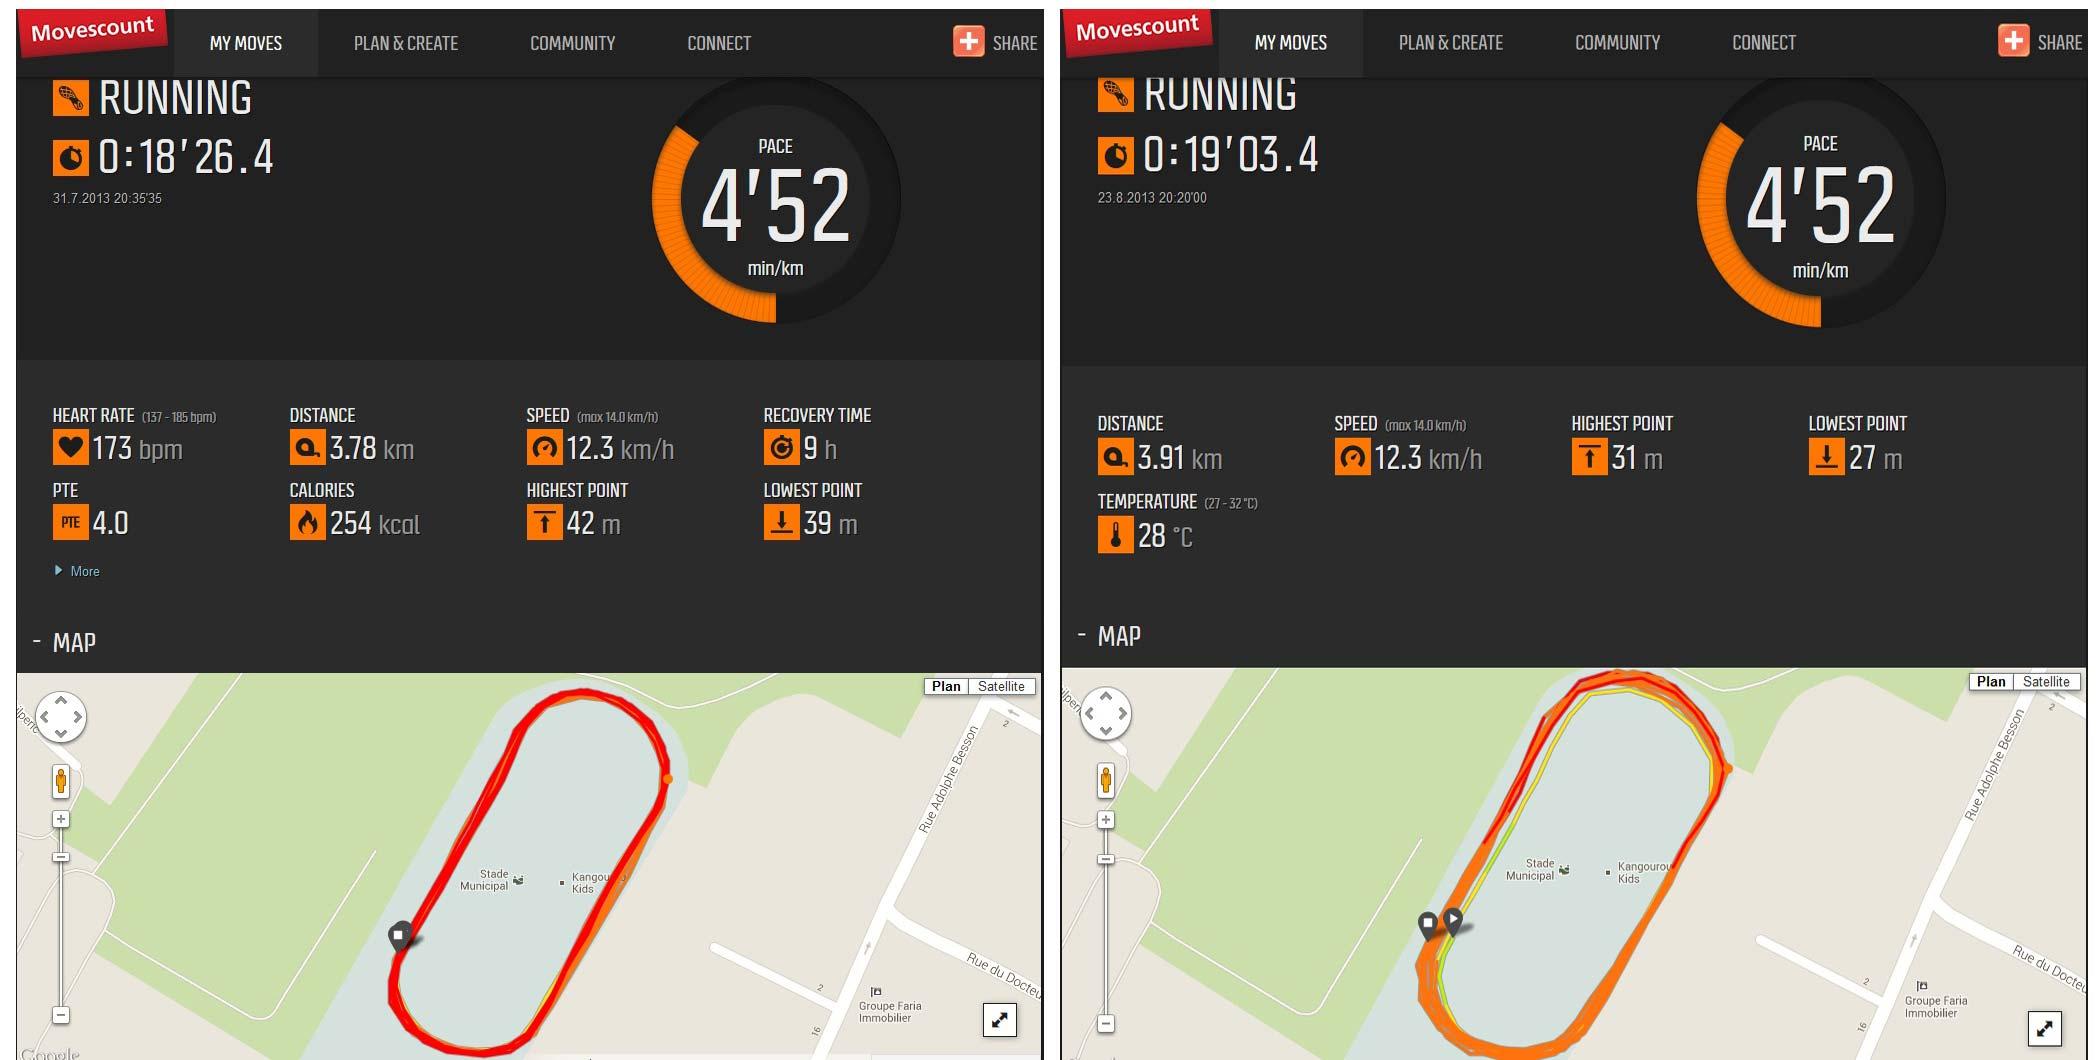 Valeurs de distance enregistrées par la montre GPS Suunto Ambit2 et transférées sur le site movescount.com pour un parcours effectif de 4 km (10 tours de pistes) lors de deux sessions différentes.